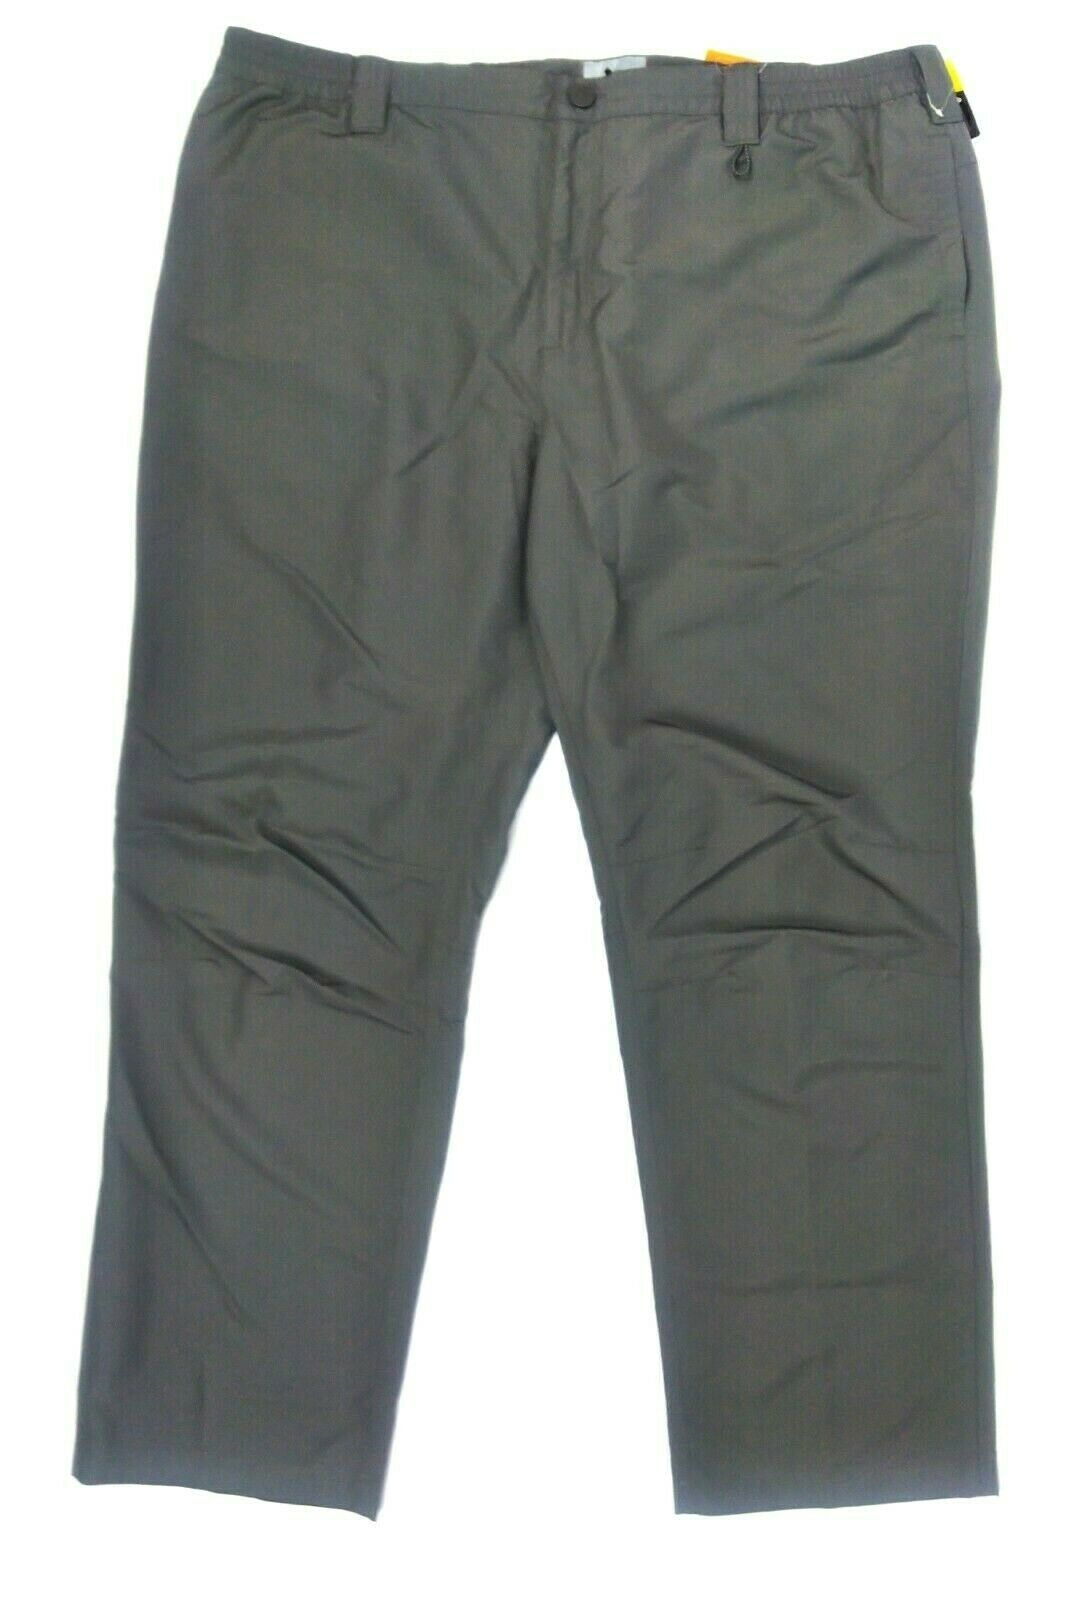 Field & Stream Men's Harbor Fishing Pants Castlerock - 3XL